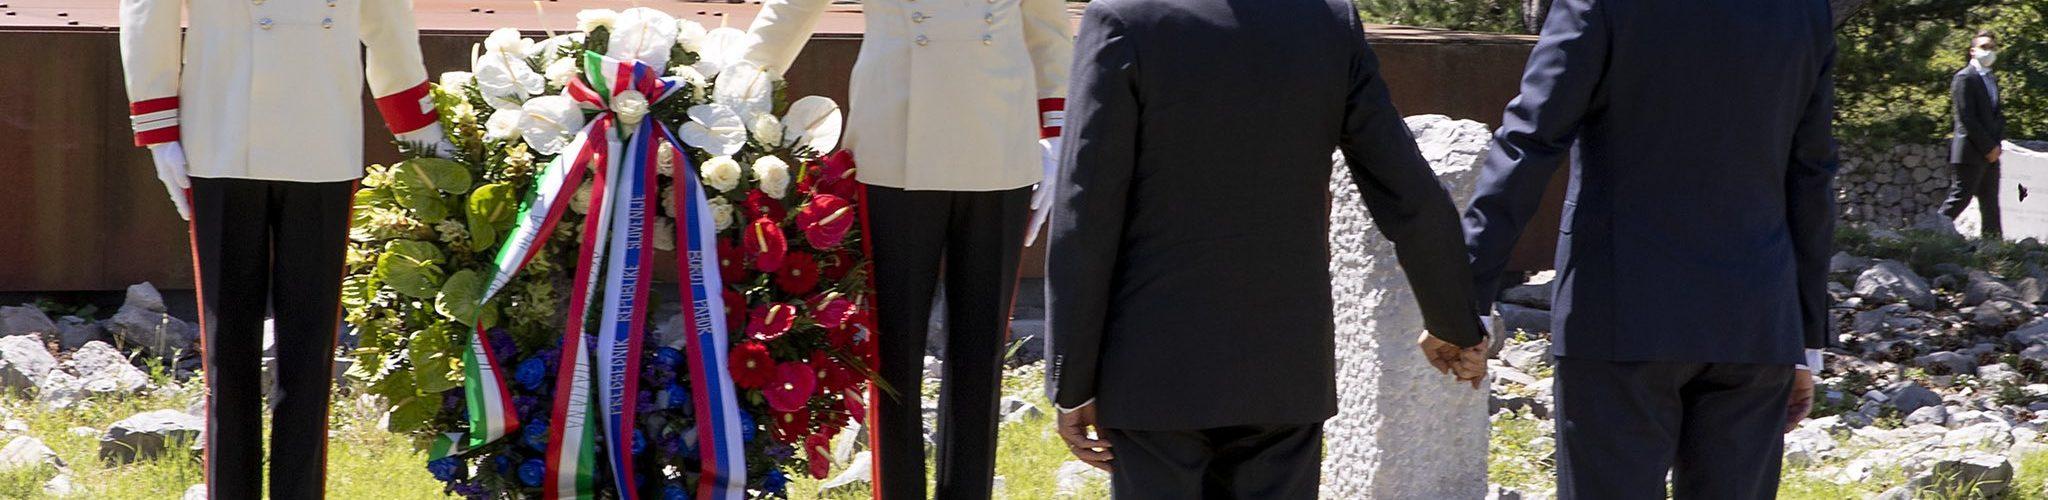 Sergio Mattarella e Borut Pahor davanti al Monumento Nazionale dei Martiri delle Foibe a Basovizza